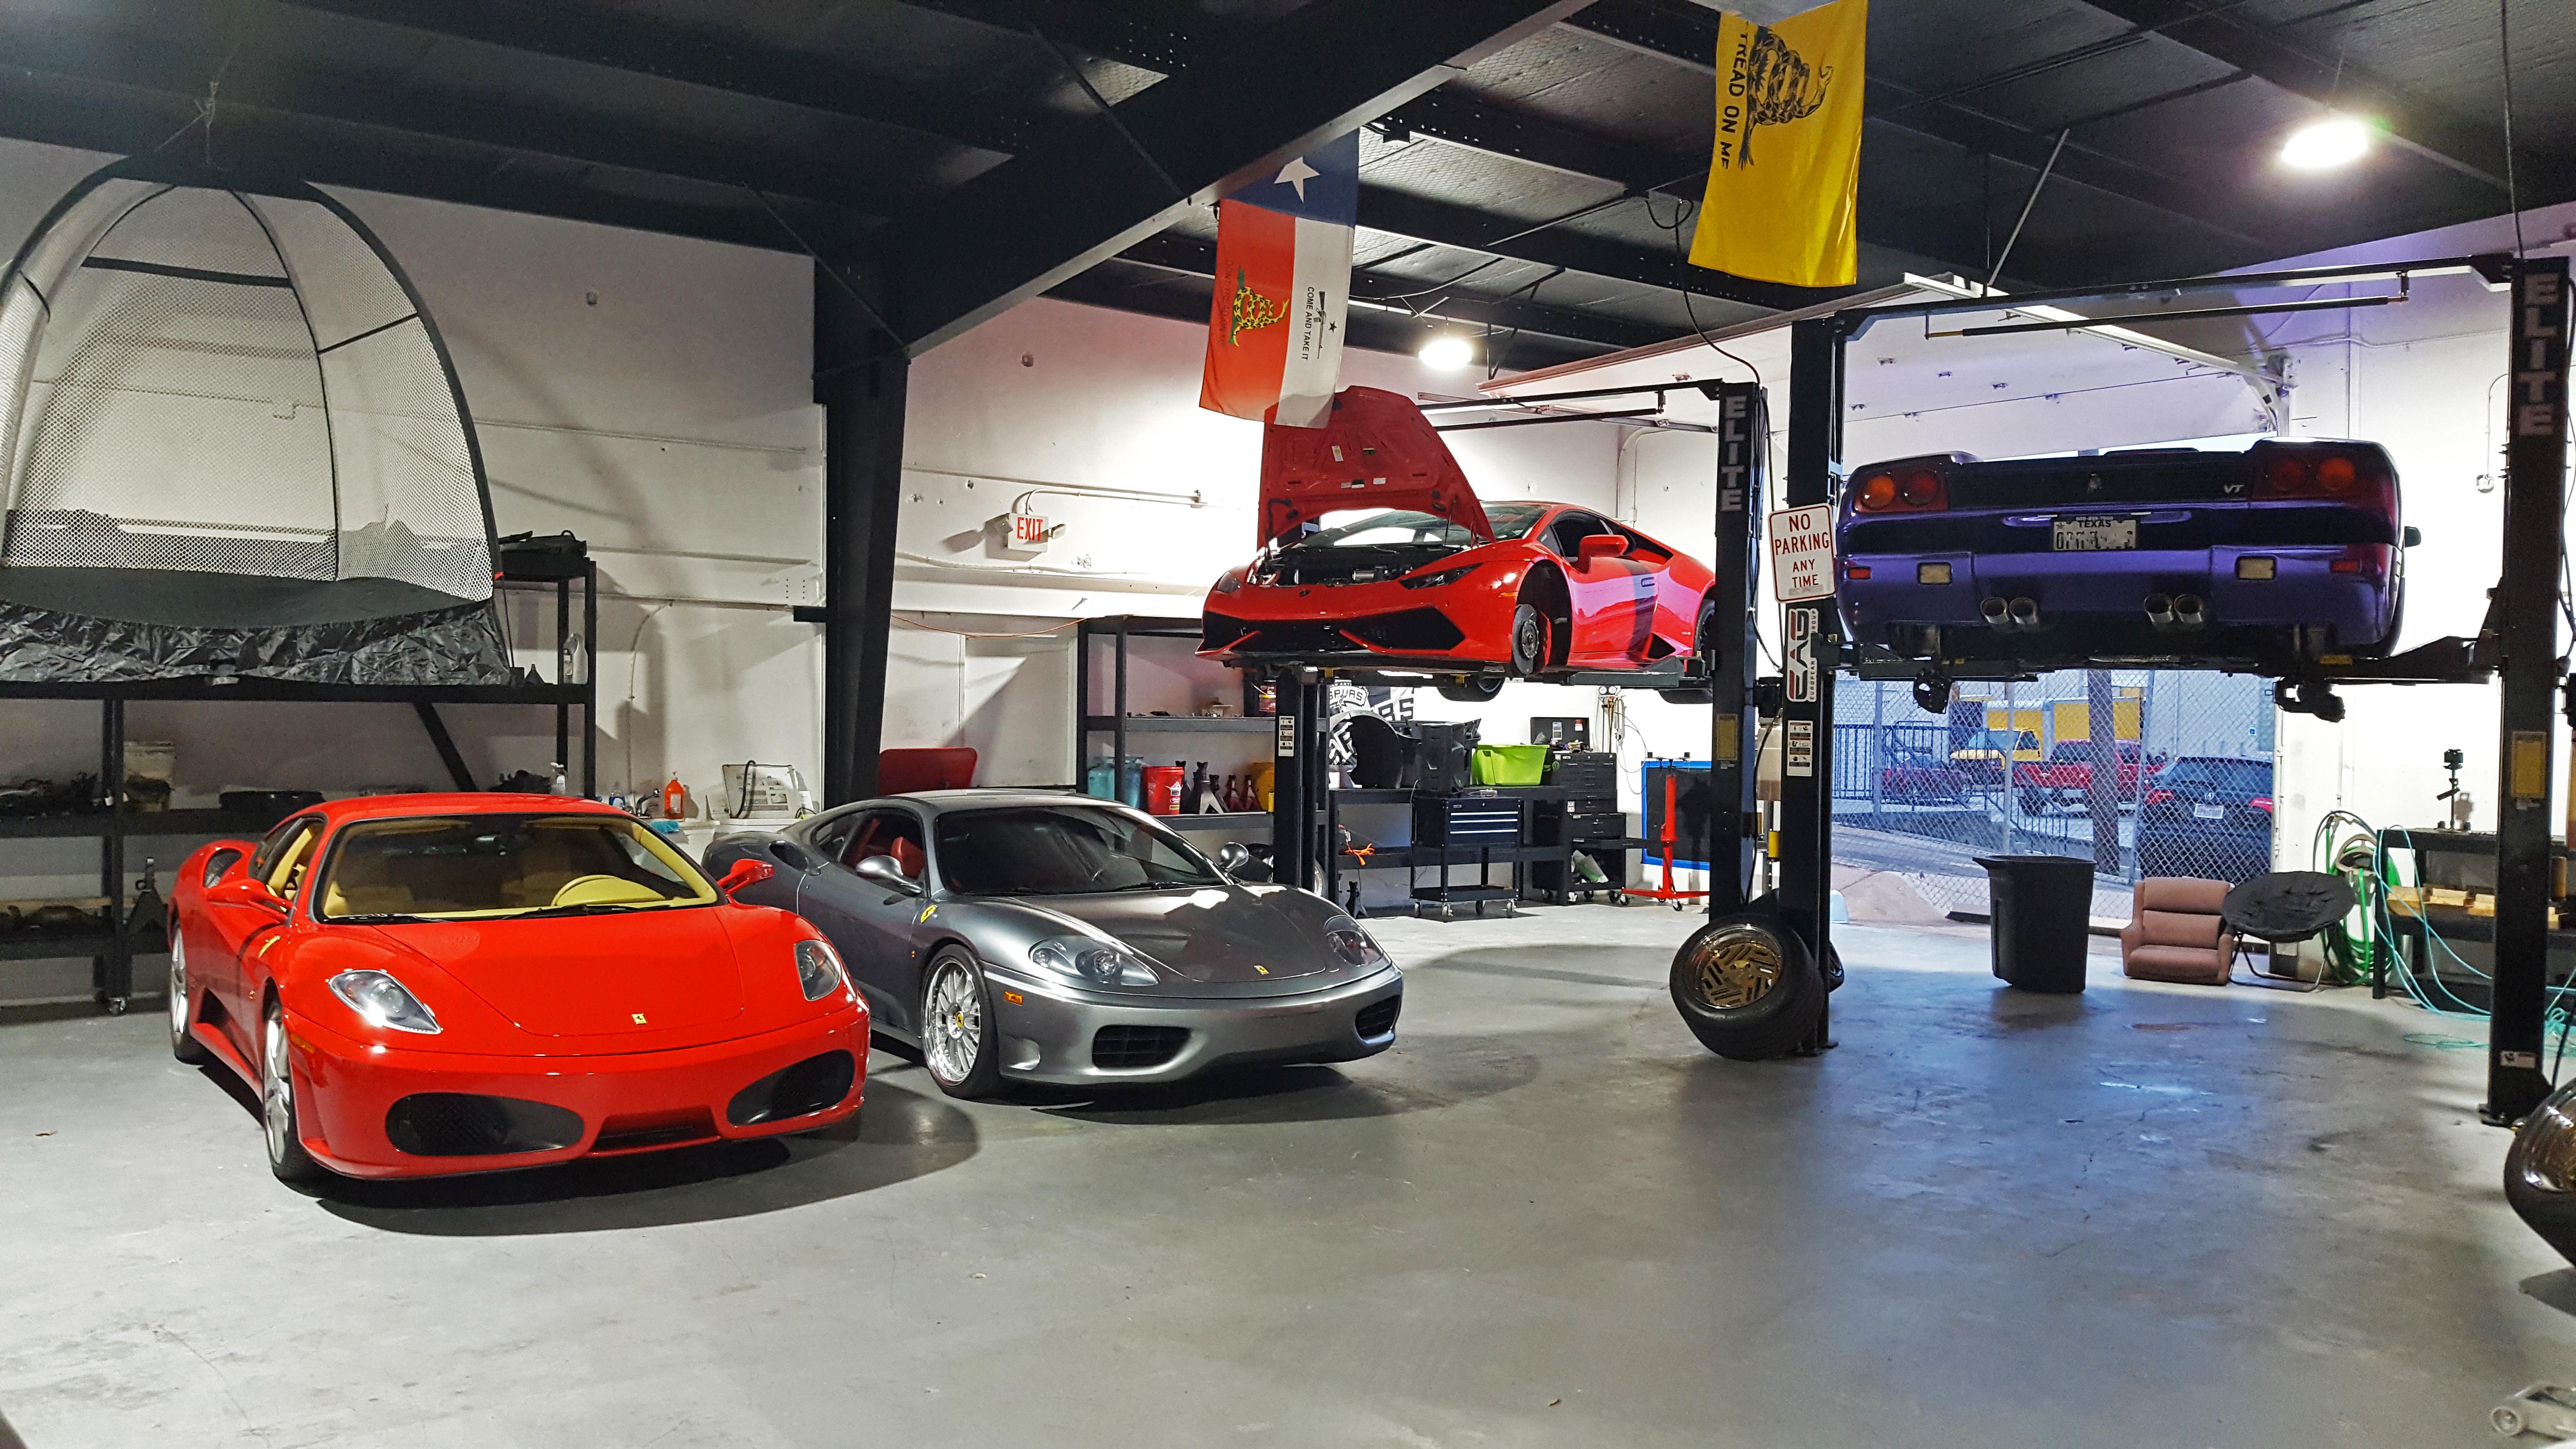 European Auto Group San Antonio Tx 210 608 5610